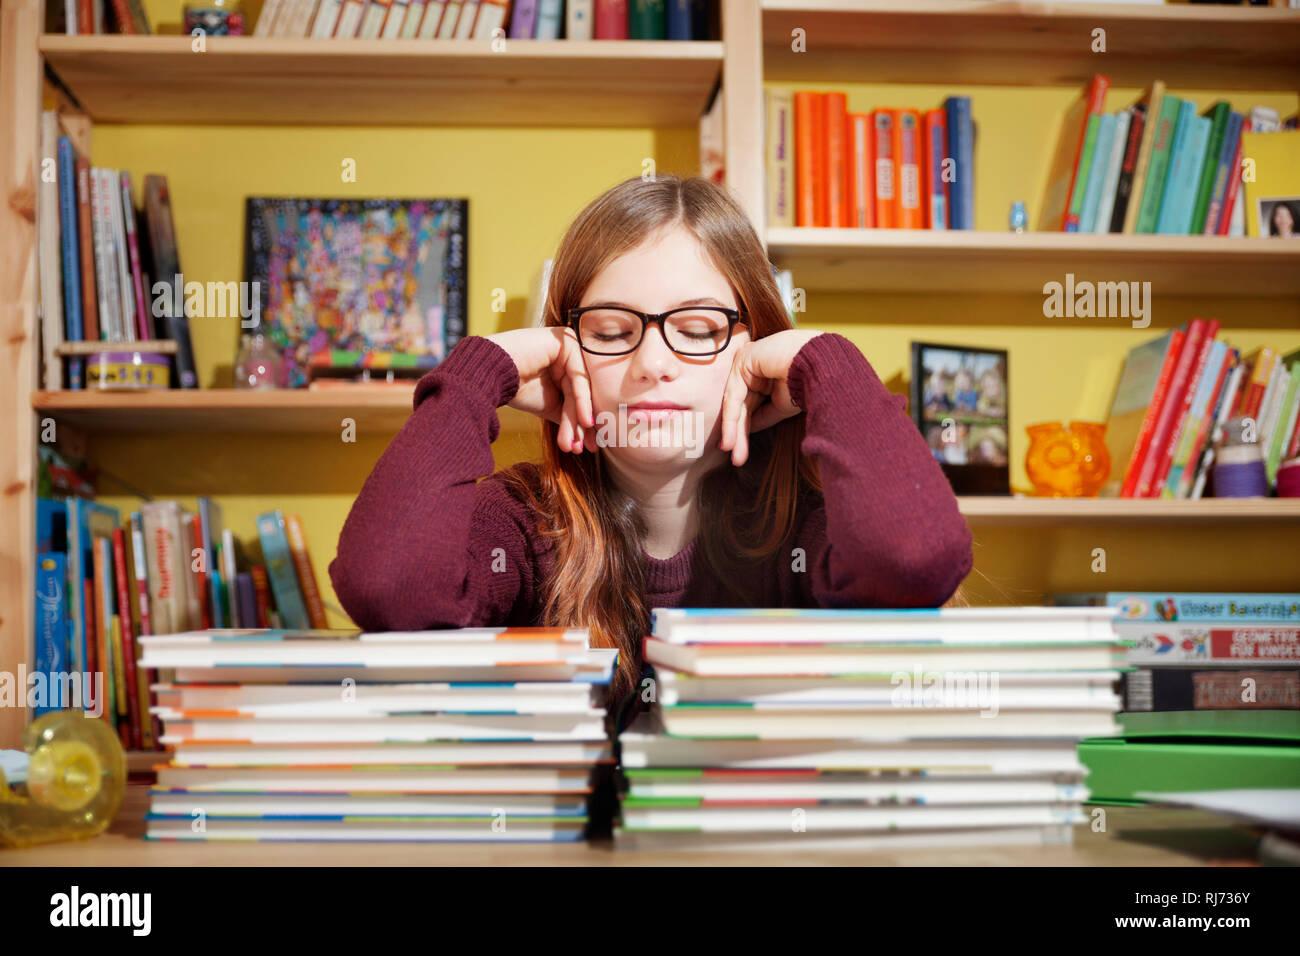 Mädchen, 10 Jahre alt, ermüdet von den Hausaufgaben, vor einem Stapel Bücher, mit geschlossenen Augen - Stock Image